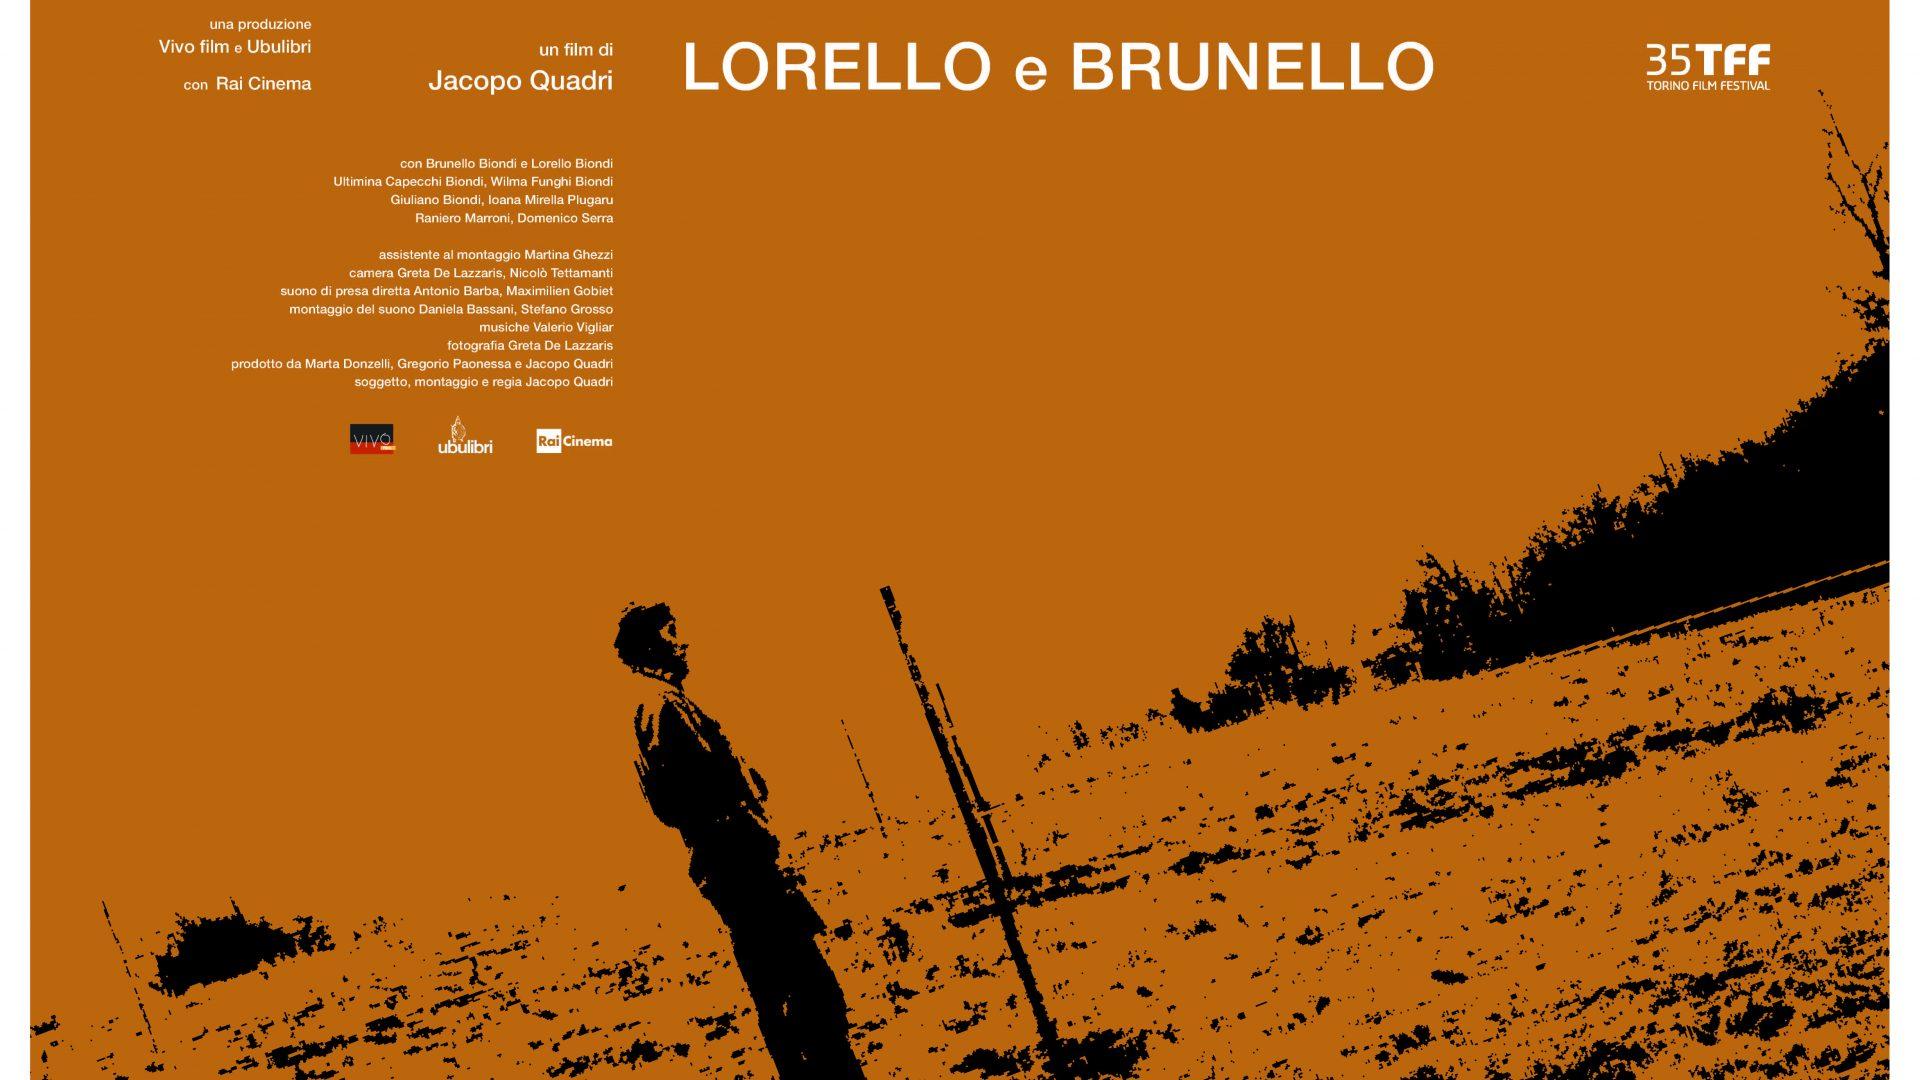 """Image for: (Italiano) """"Lorello e Brunello"""" in concorso al TFF35"""